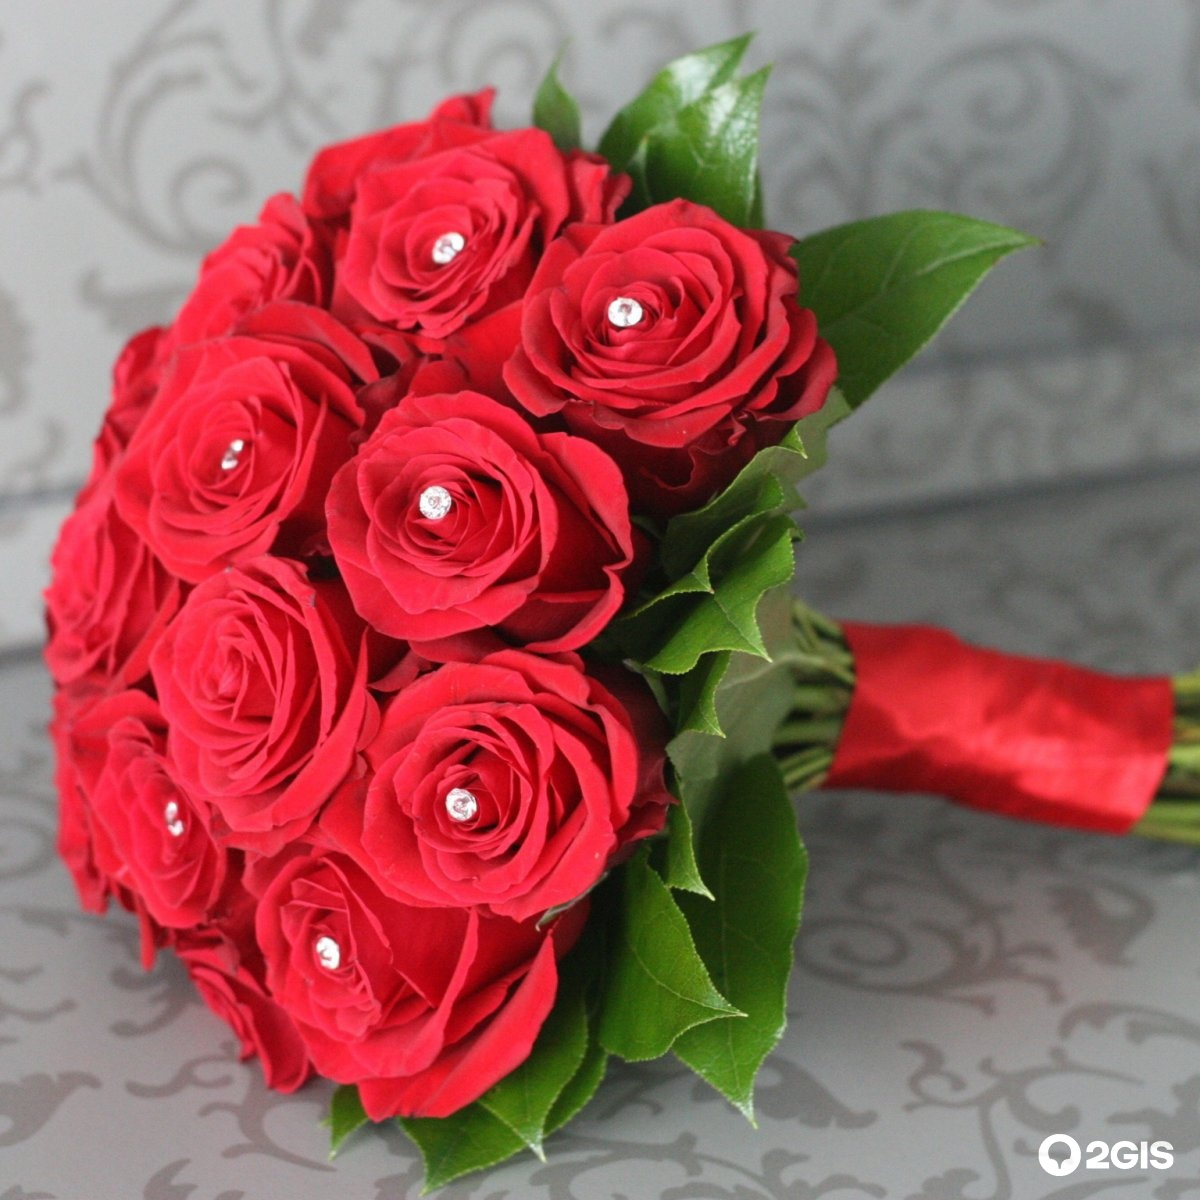 Букет цветов на свадьбу фото, красивые как